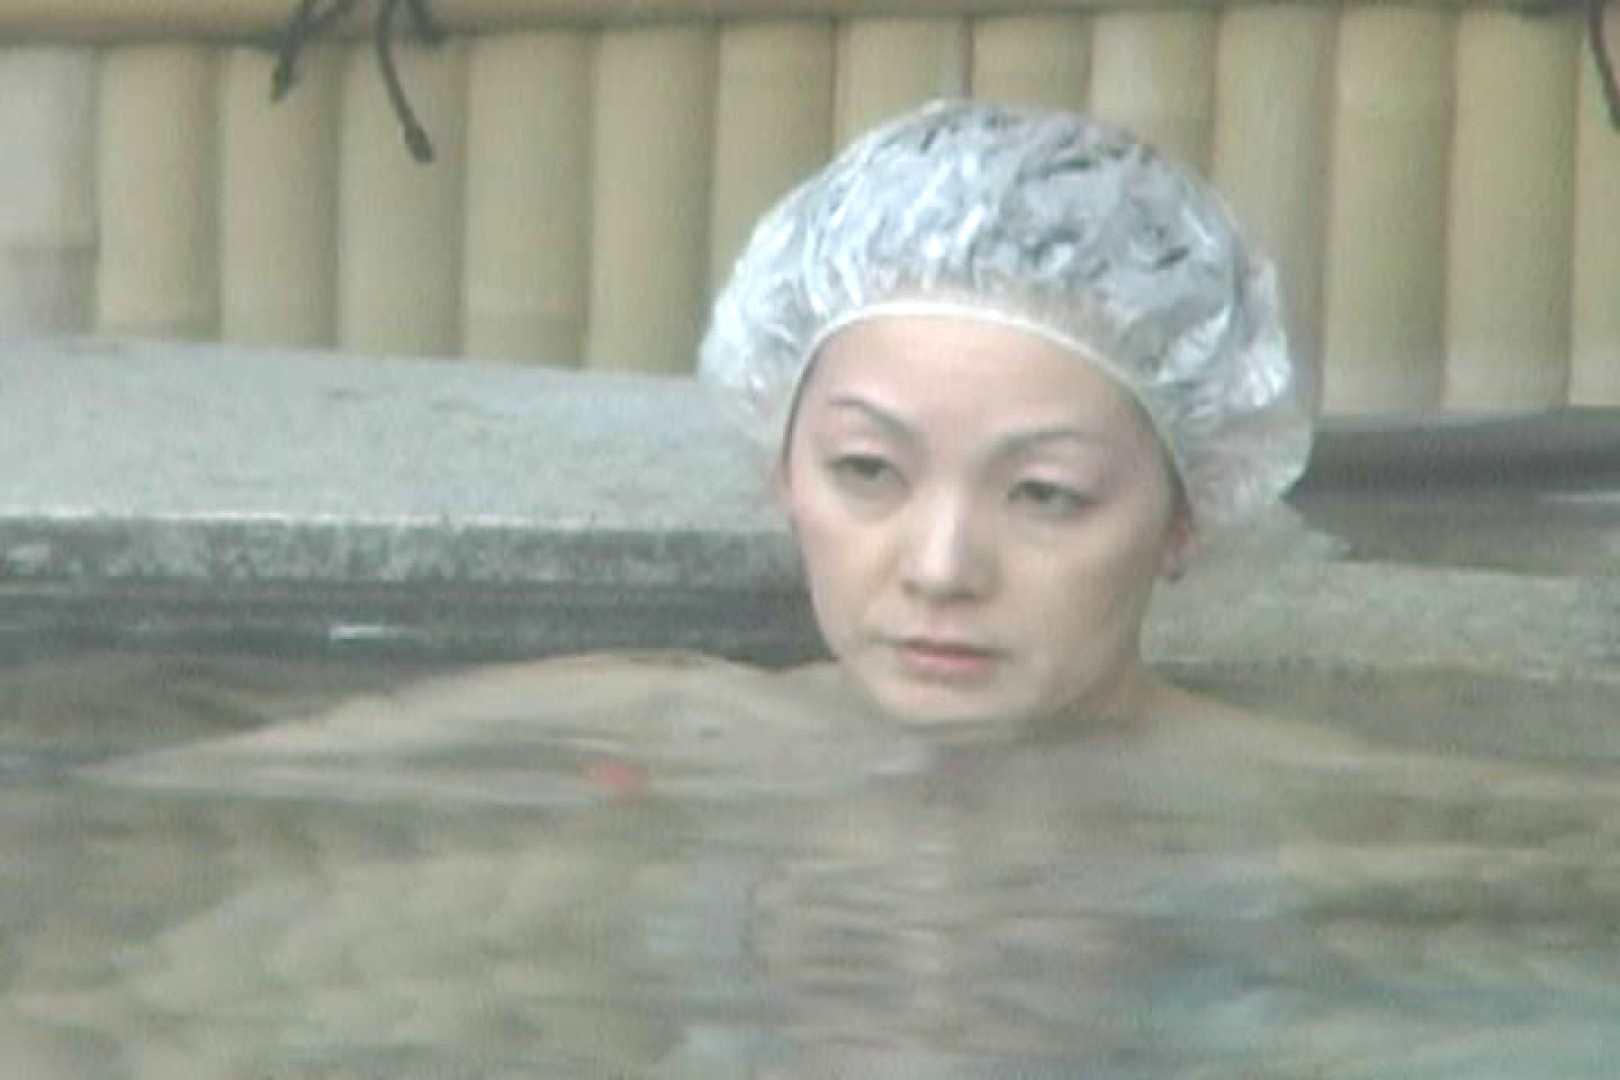 Aquaな露天風呂Vol.592 盗撮師作品 | 美しいOLの裸体  91pic 49